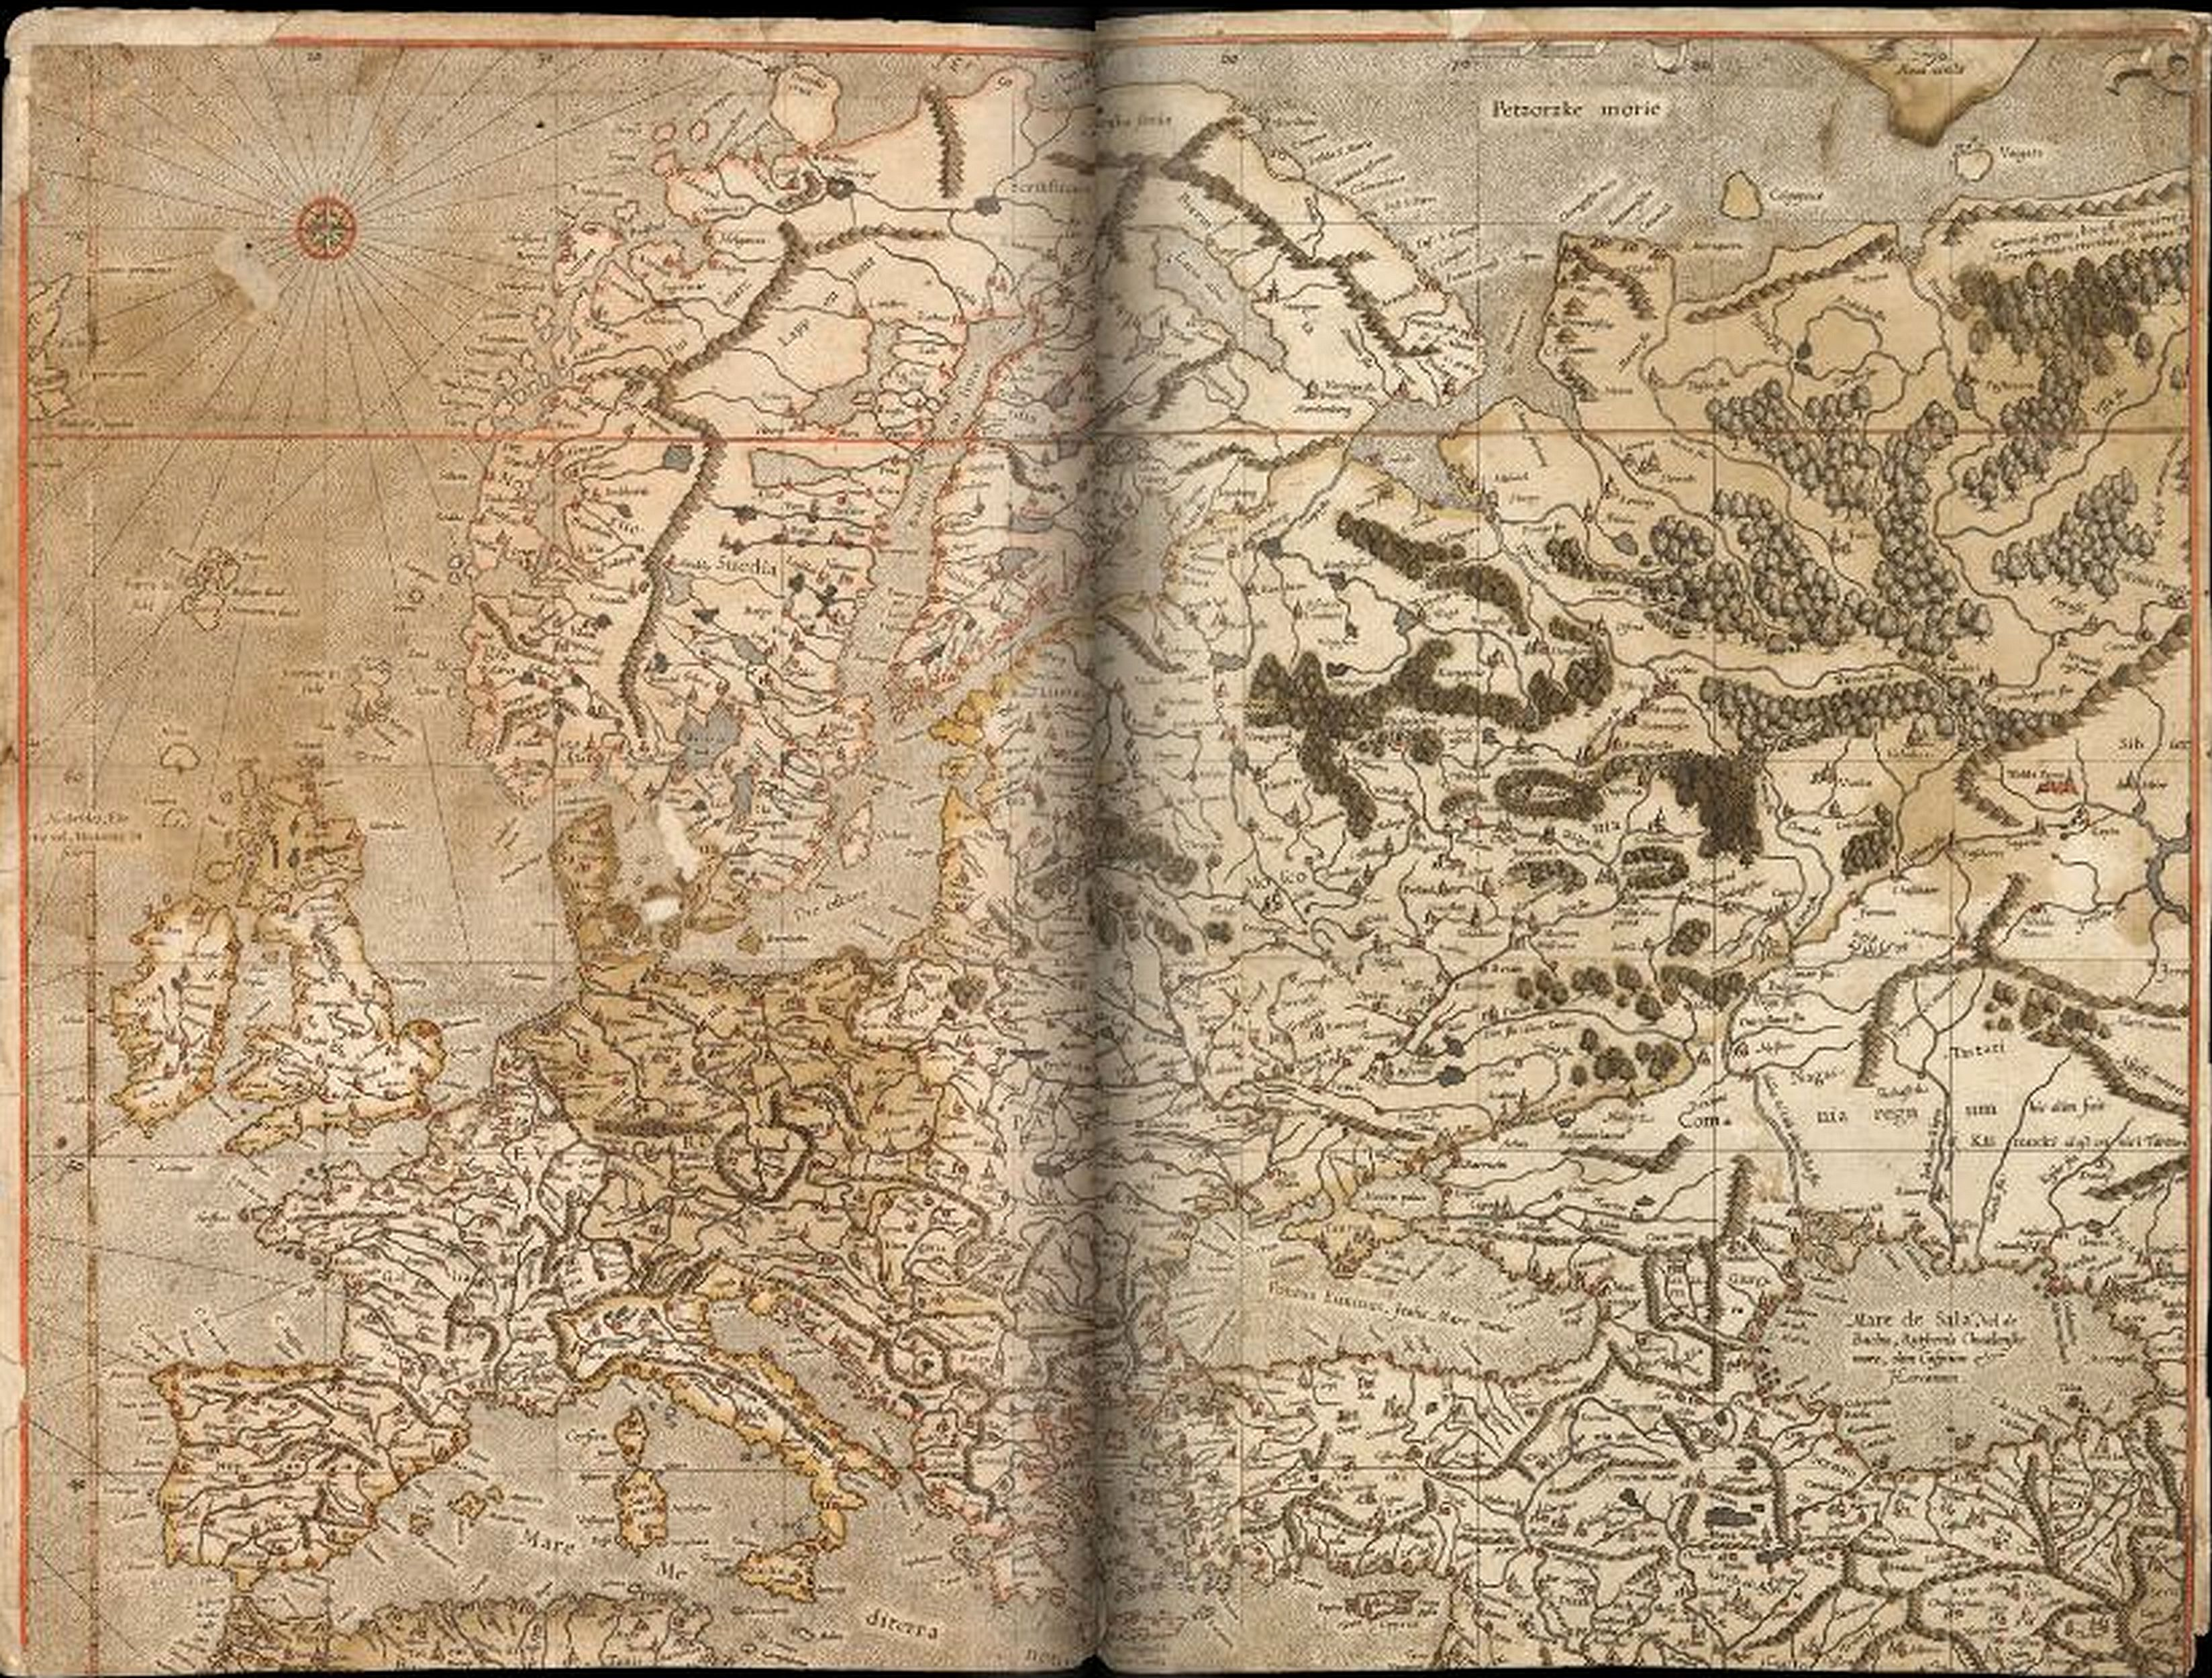 File:MercatormapFullEurope16thcentury.jpg